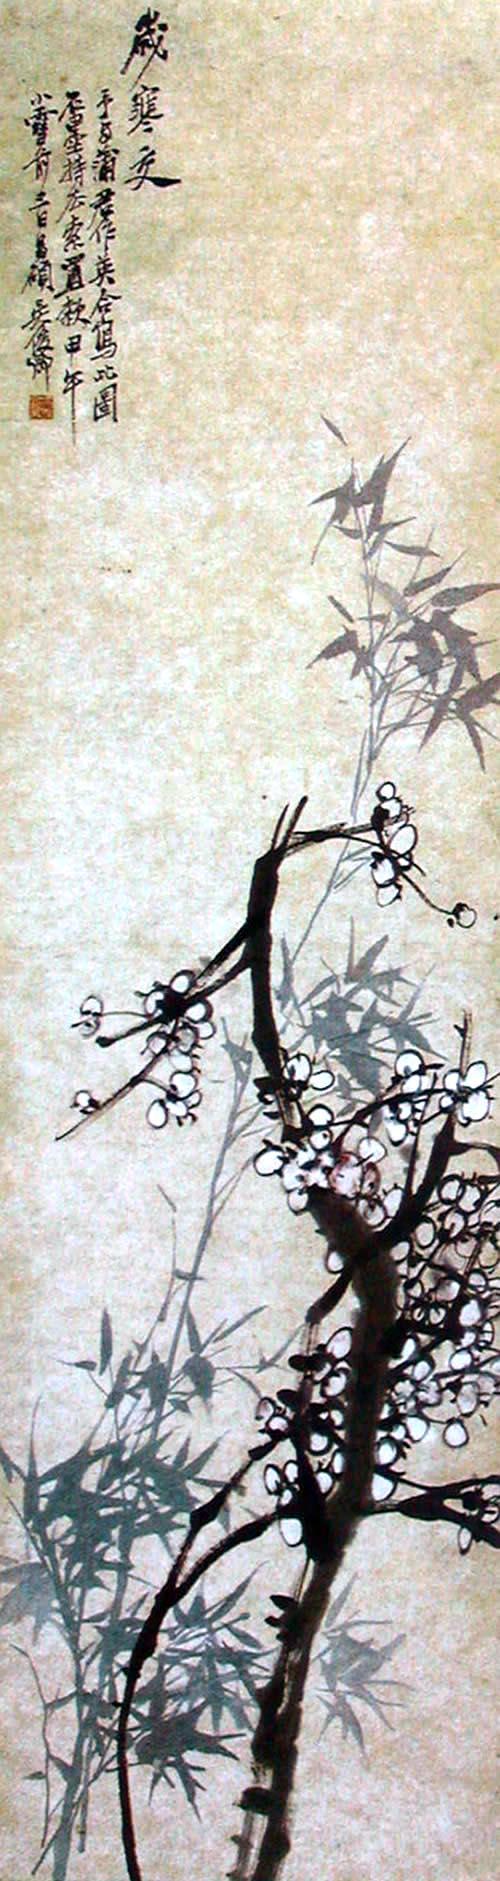 Квіти. Художник У Чаншо. 1890 р. Фото із secretchina.com